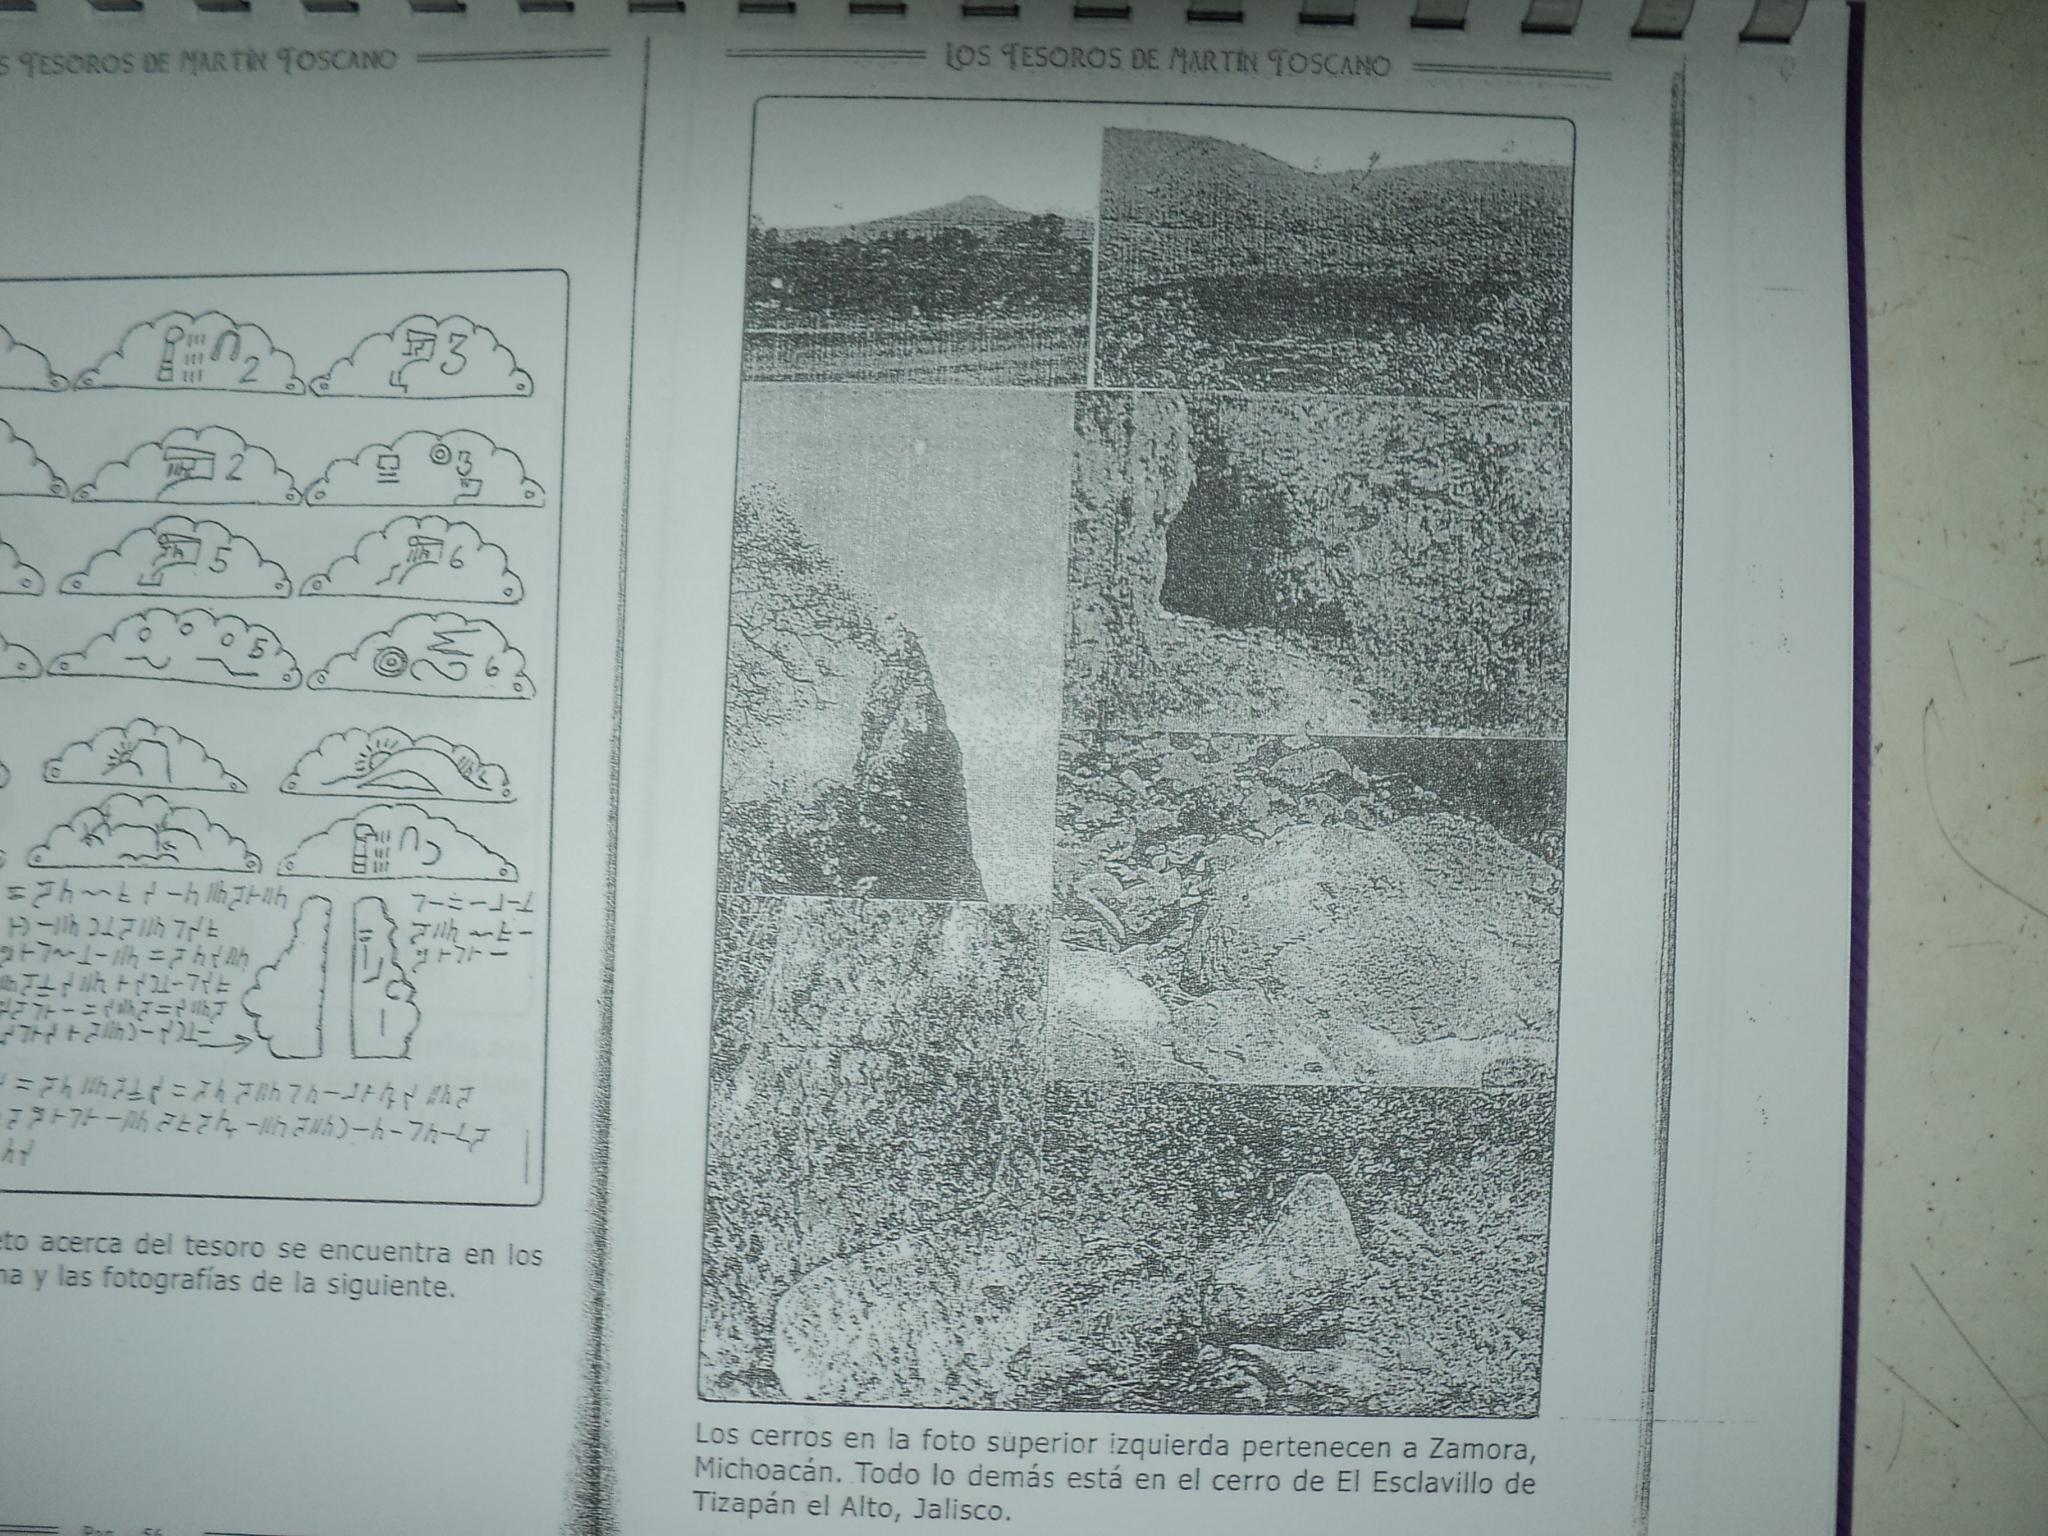 Encuentran cueva de Martin Toscano 14m97w0